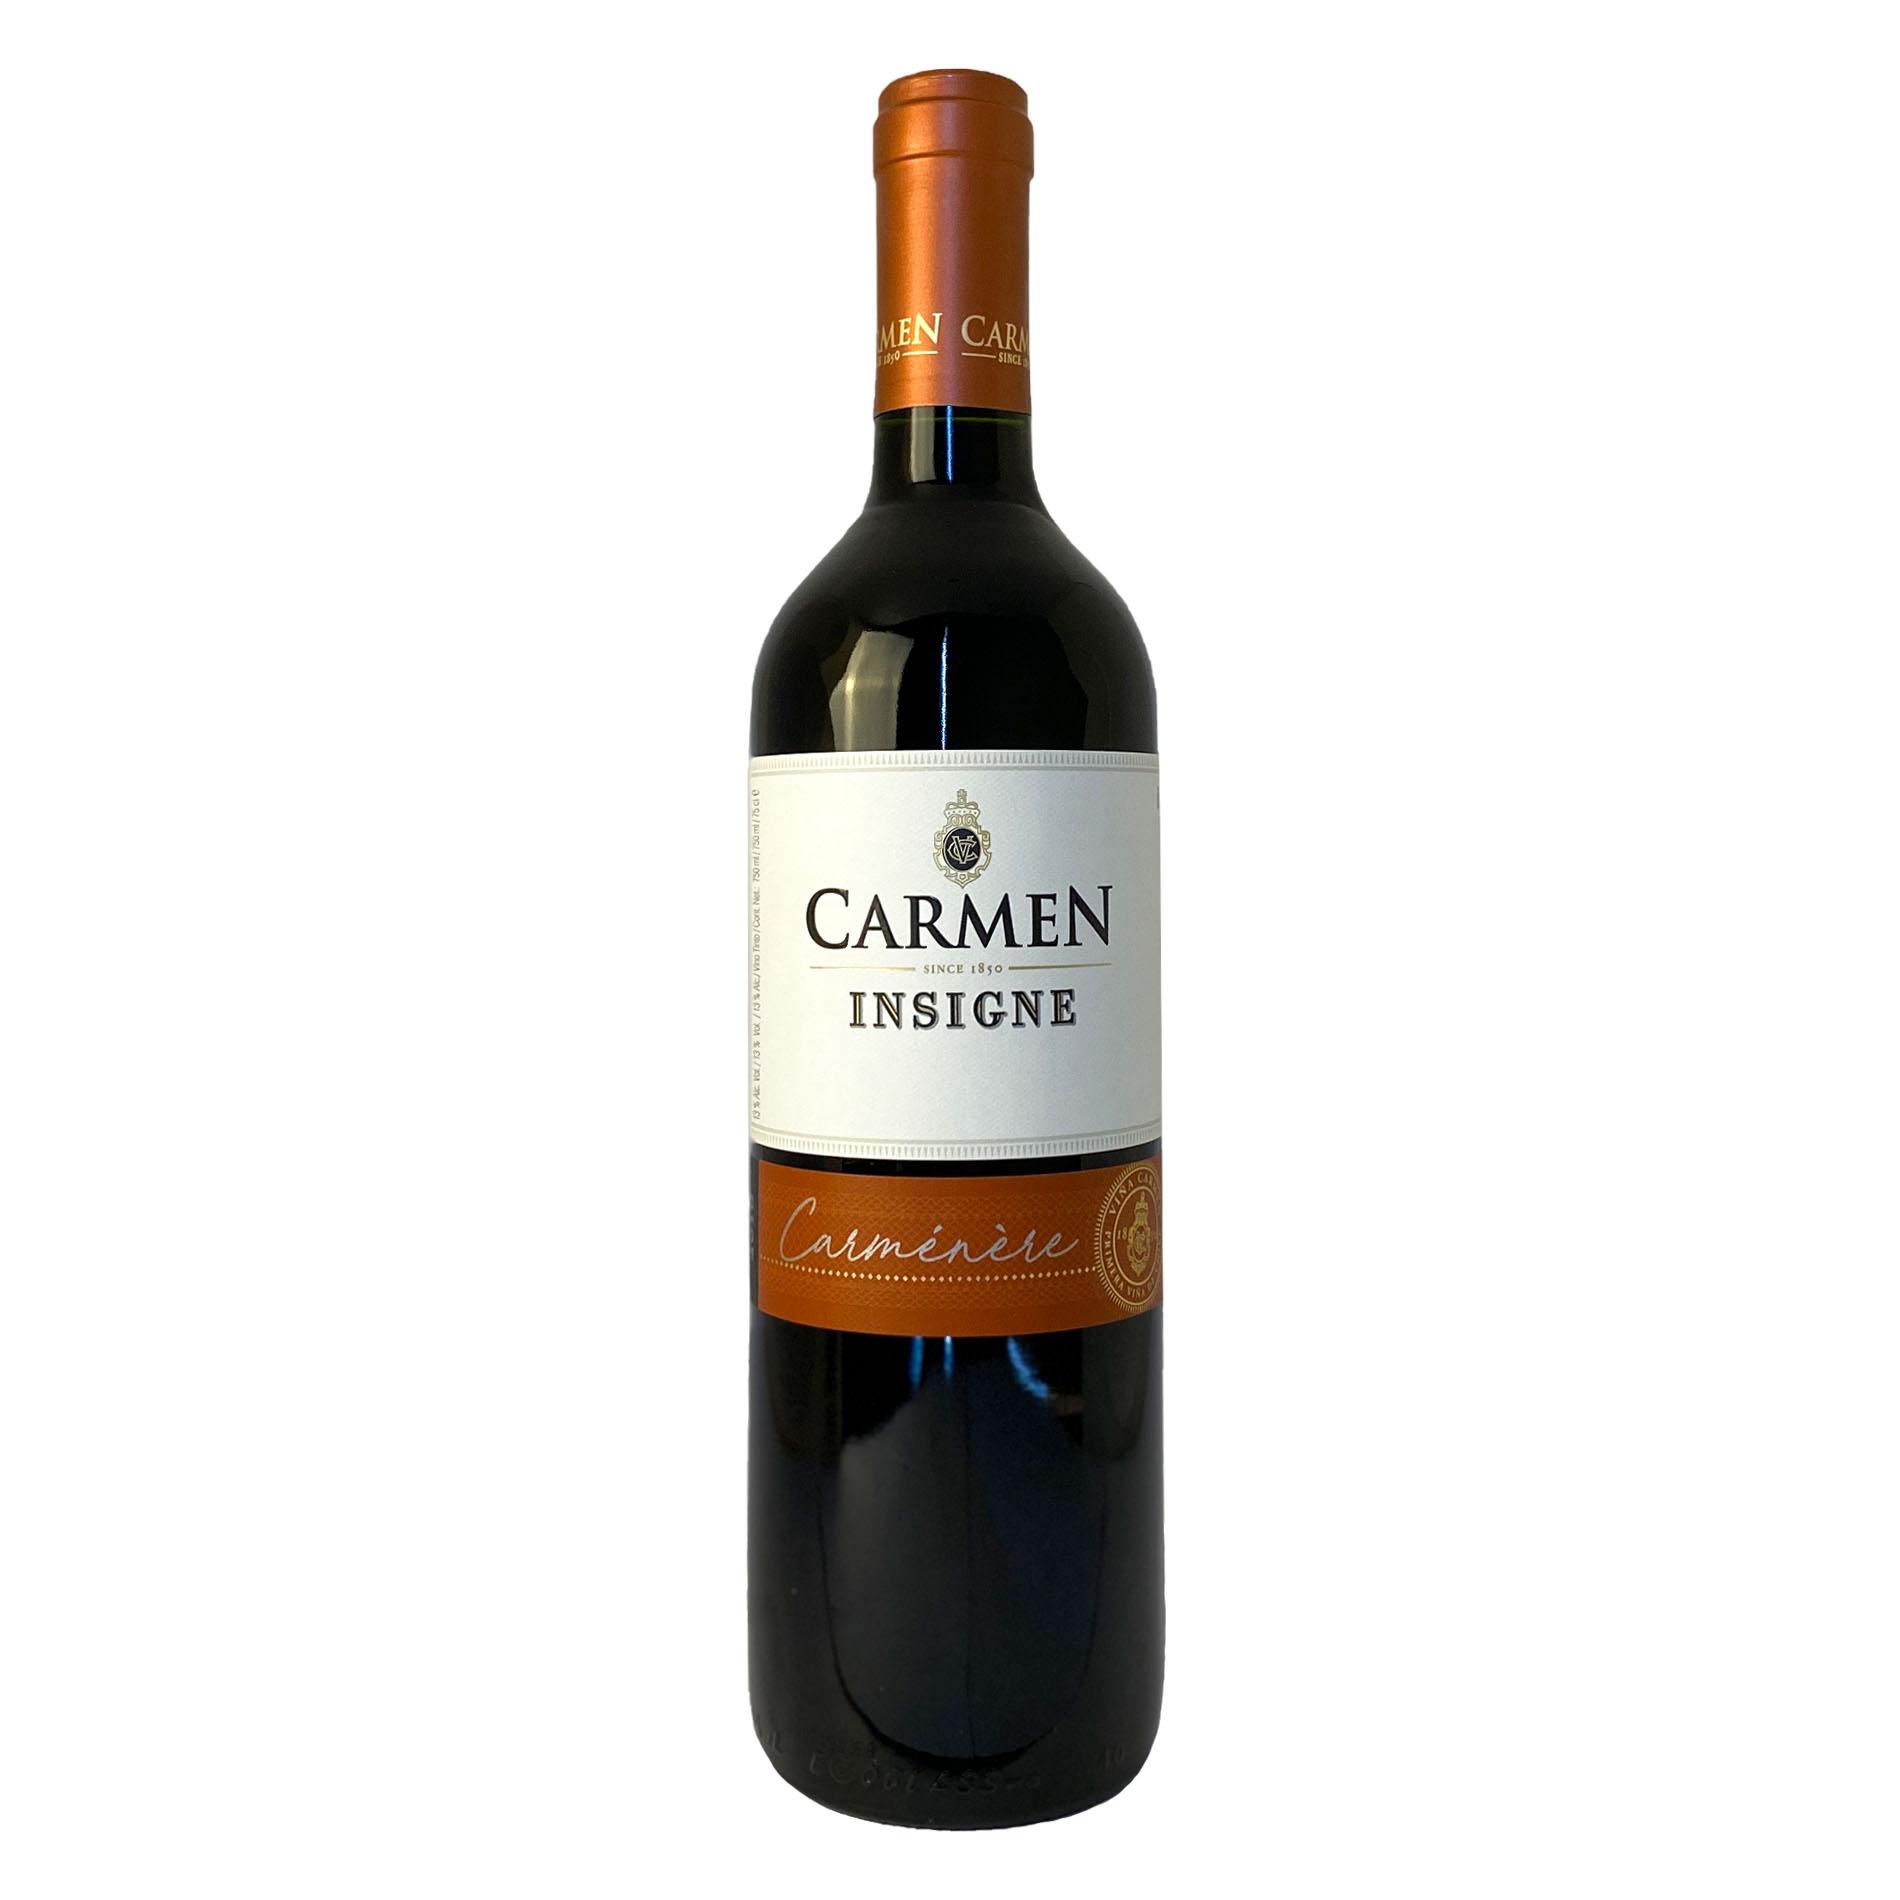 Carmen Insigne Carménère  - Vinerize